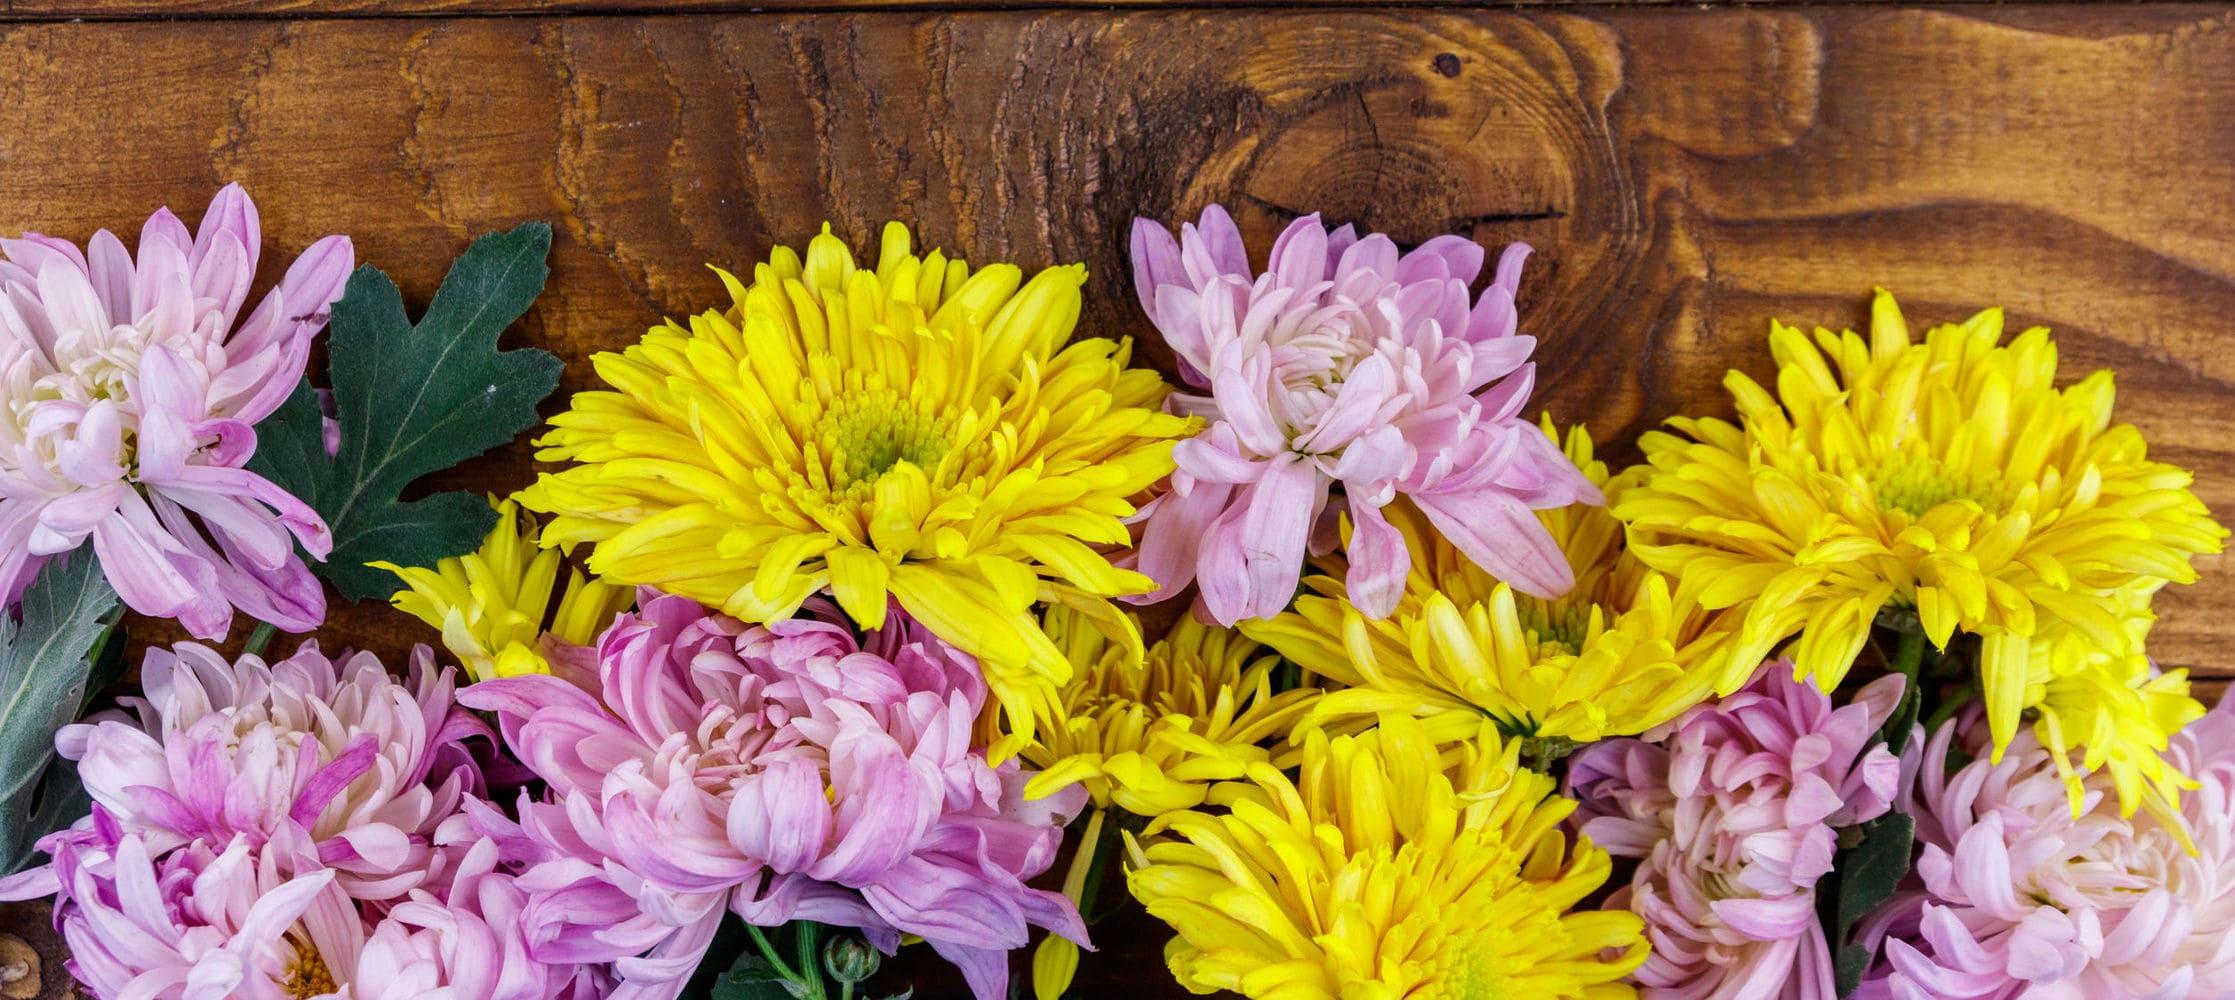 Flor de crisantemo: cuidados y simbolismo